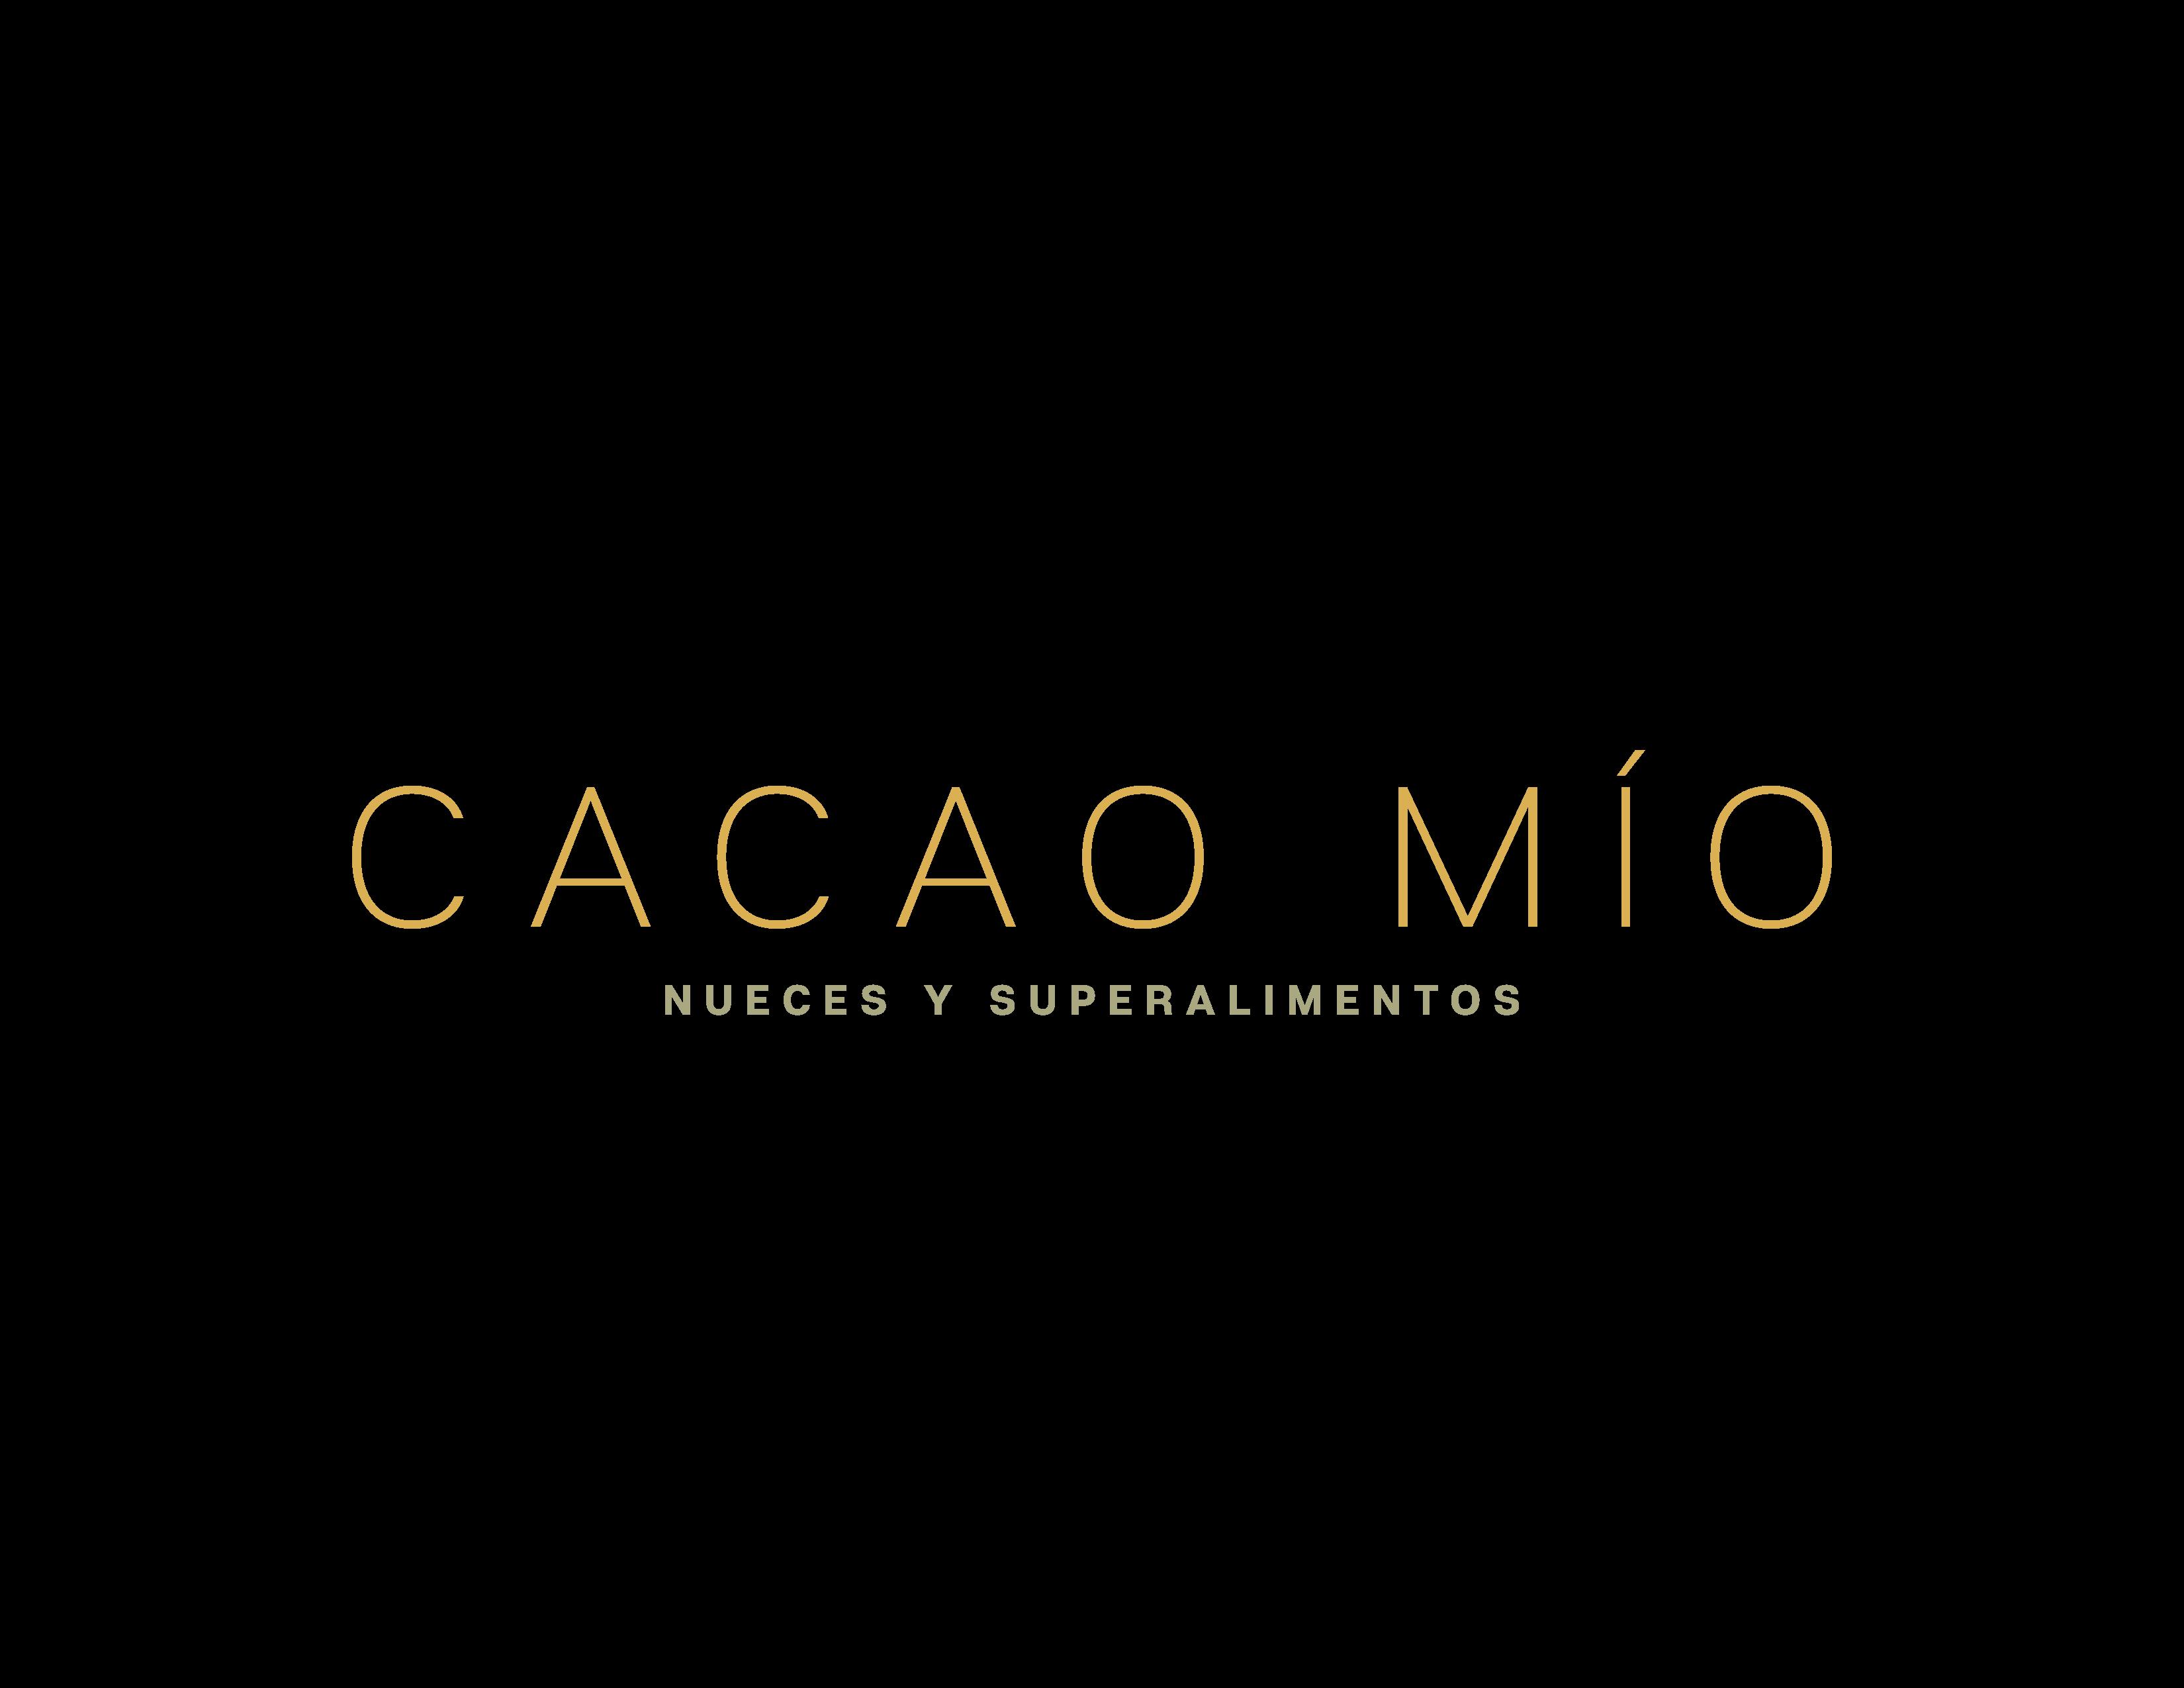 Cacao Mío